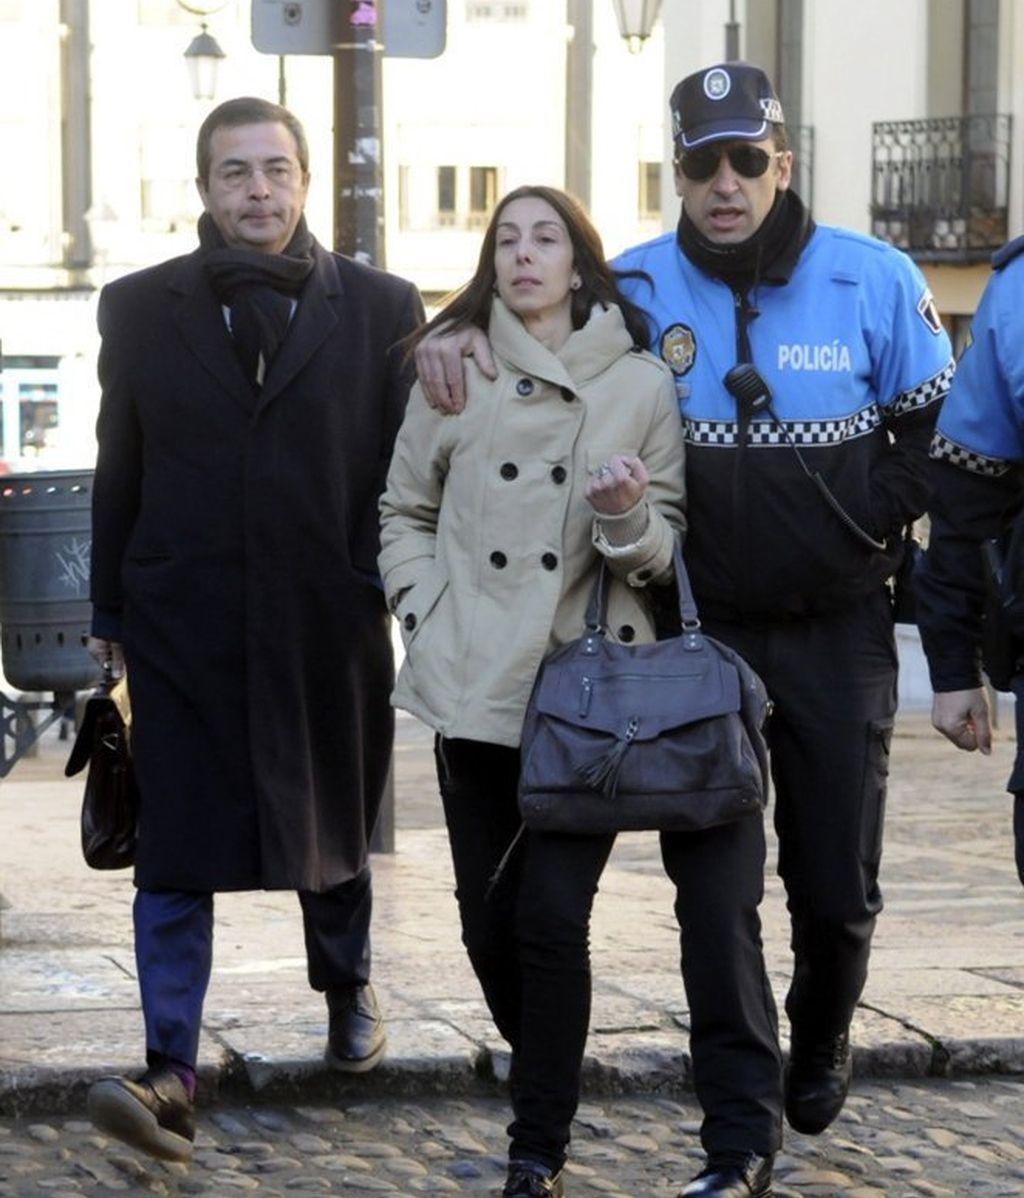 Raquel Gago, la policía condenada por el asesinato de Isabel Carrasco